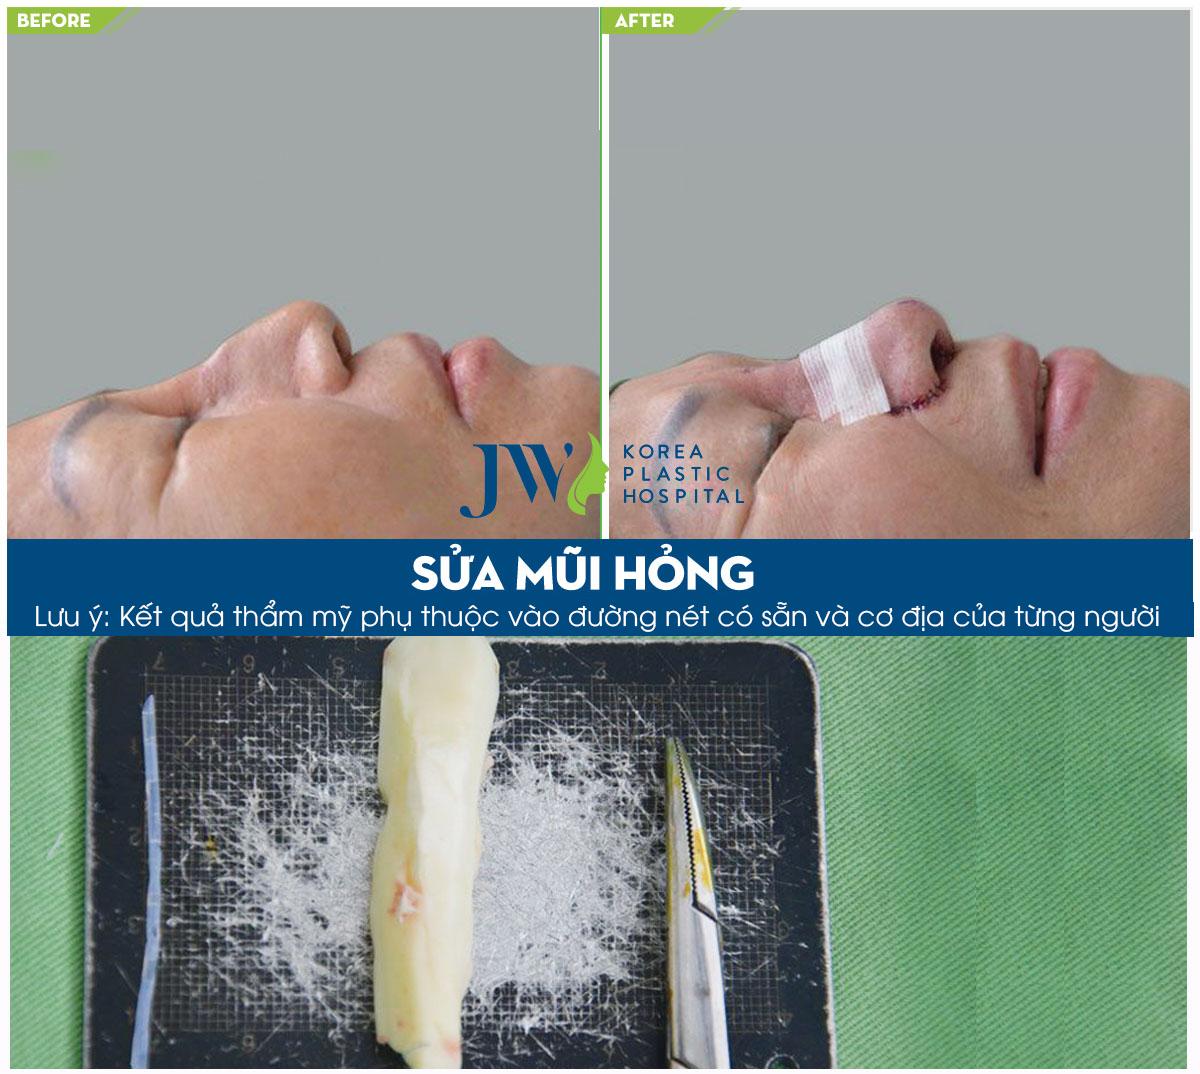 Tùy thuộc vào mức độ nhiễm trùng, bác sĩ sẽ tiến hành phẫu thuật lại mũi